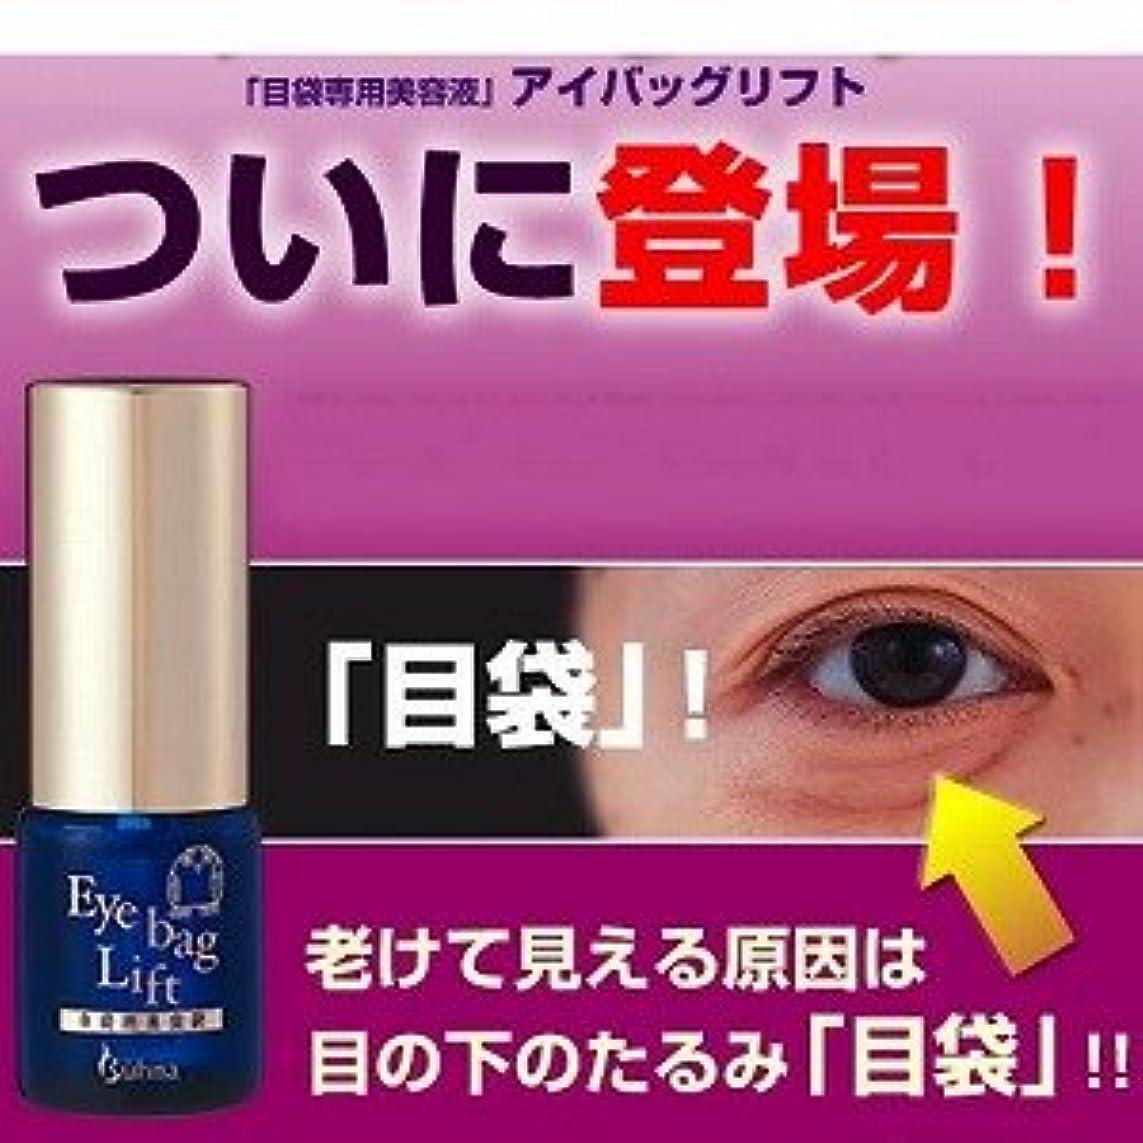 ペン代数第四老けて見える原因は、目元、目の下のたるみ「目袋」『目袋専用美容液 アイバッグリフト』